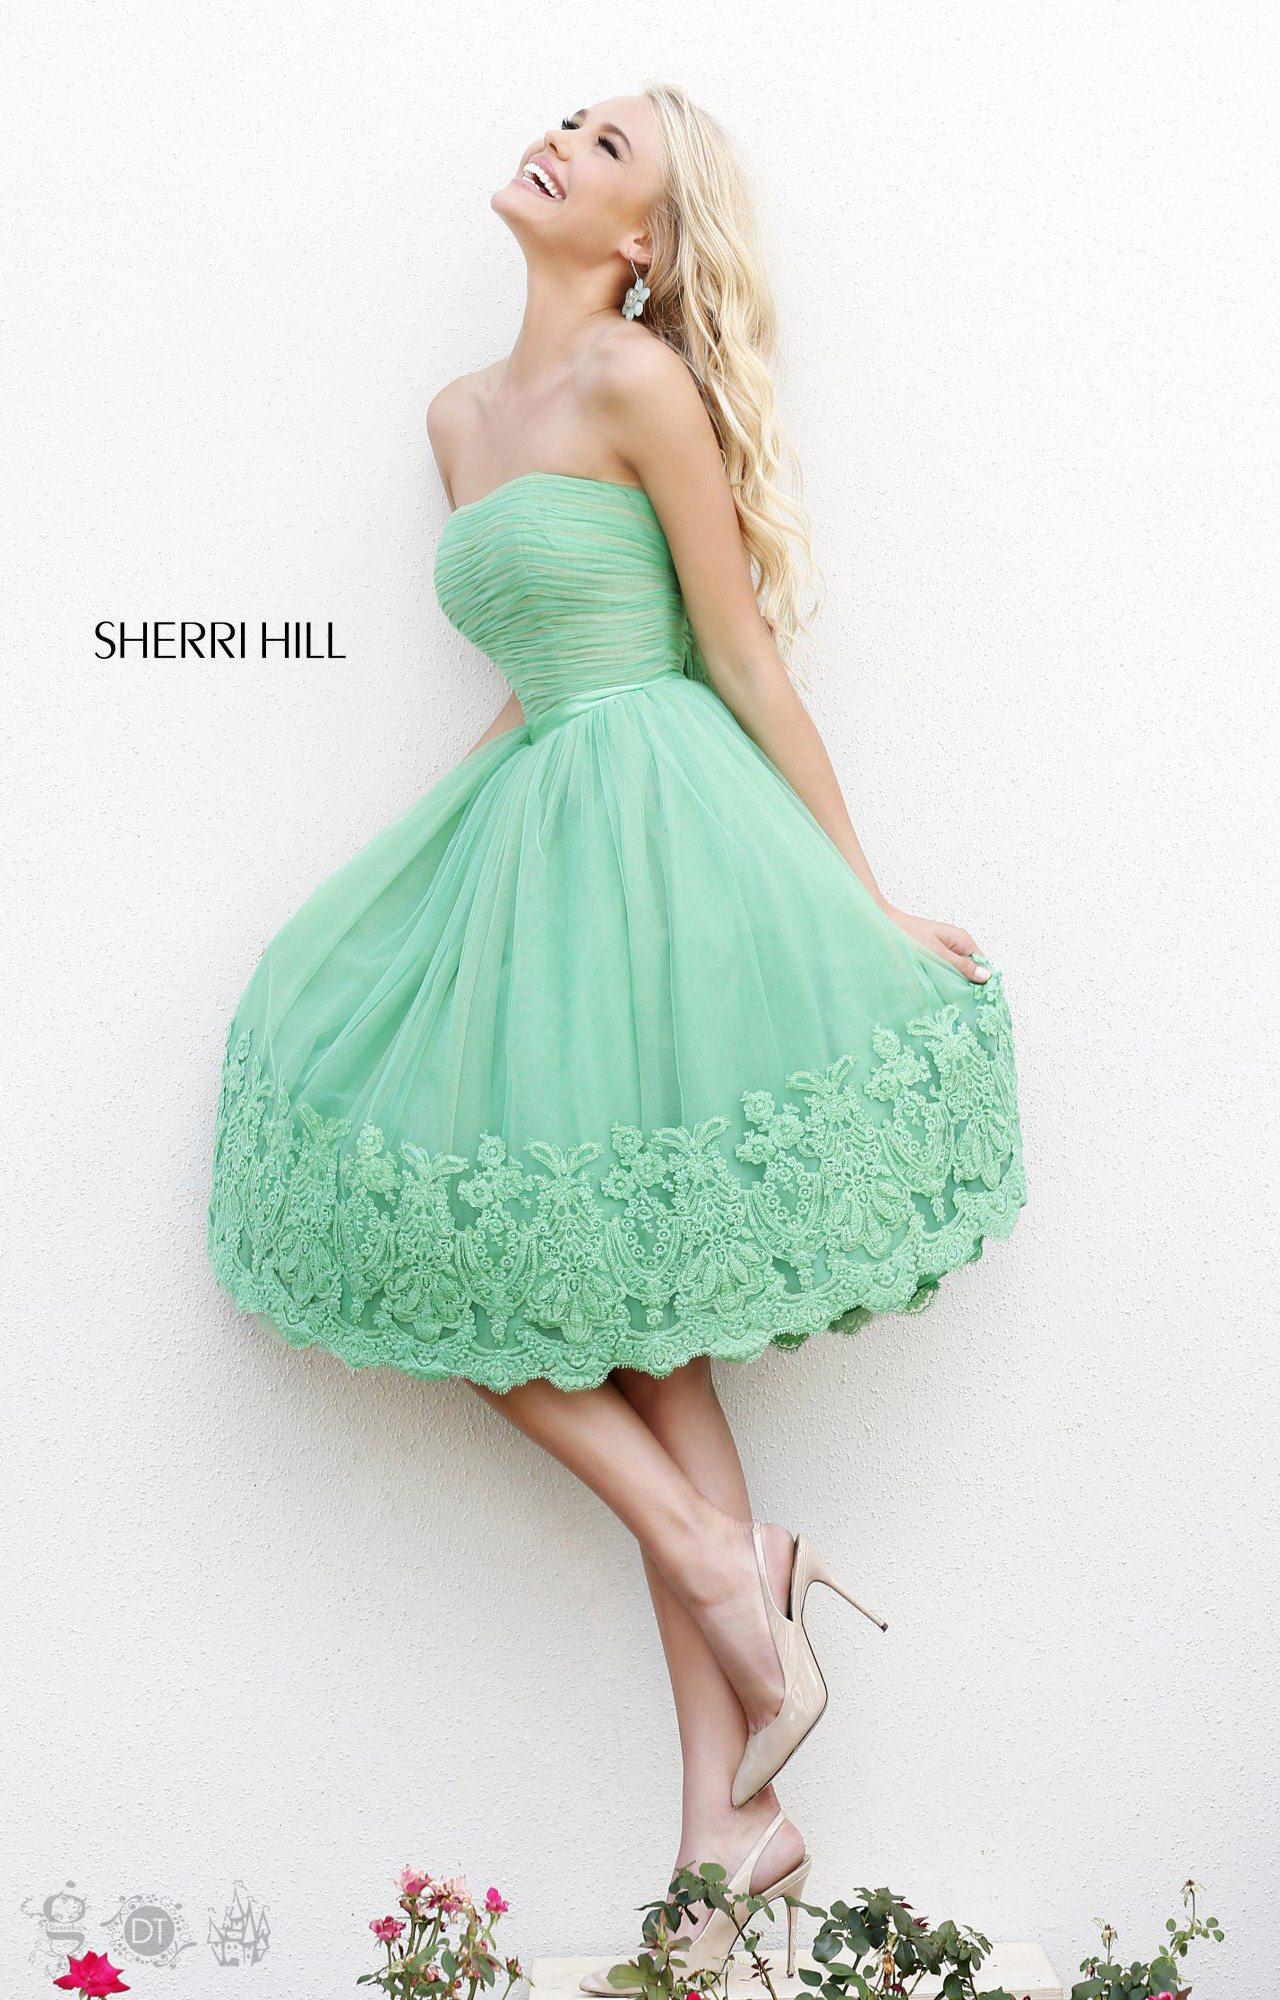 Sherri Hill 11092 Formal Evening Prom Dress